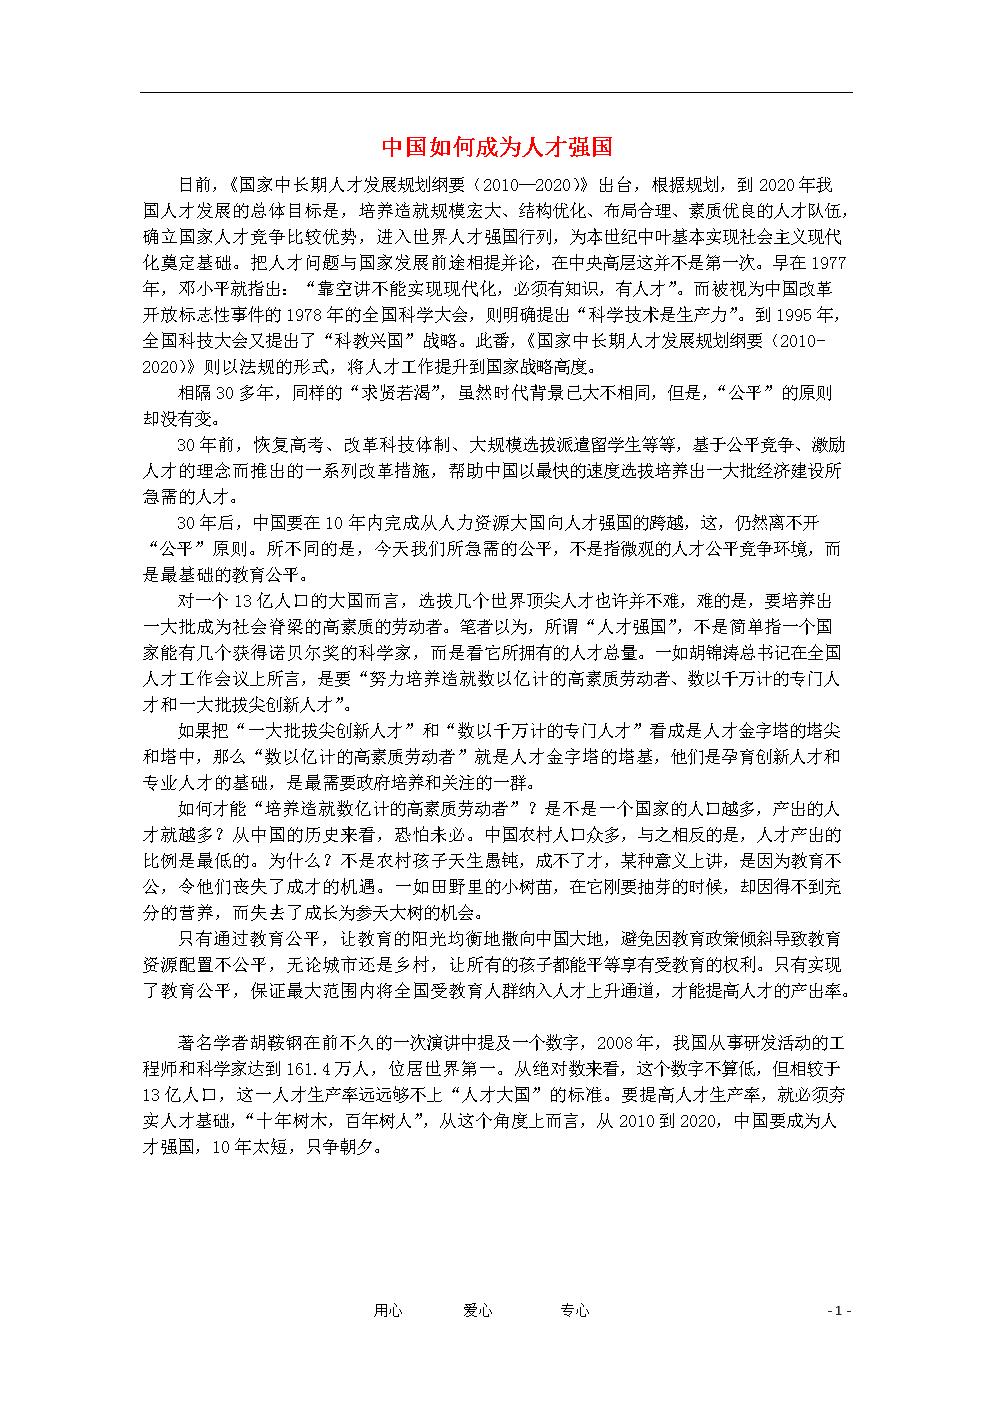 高中语文 时评例文 中国如何成为人才强国作文素材.doc